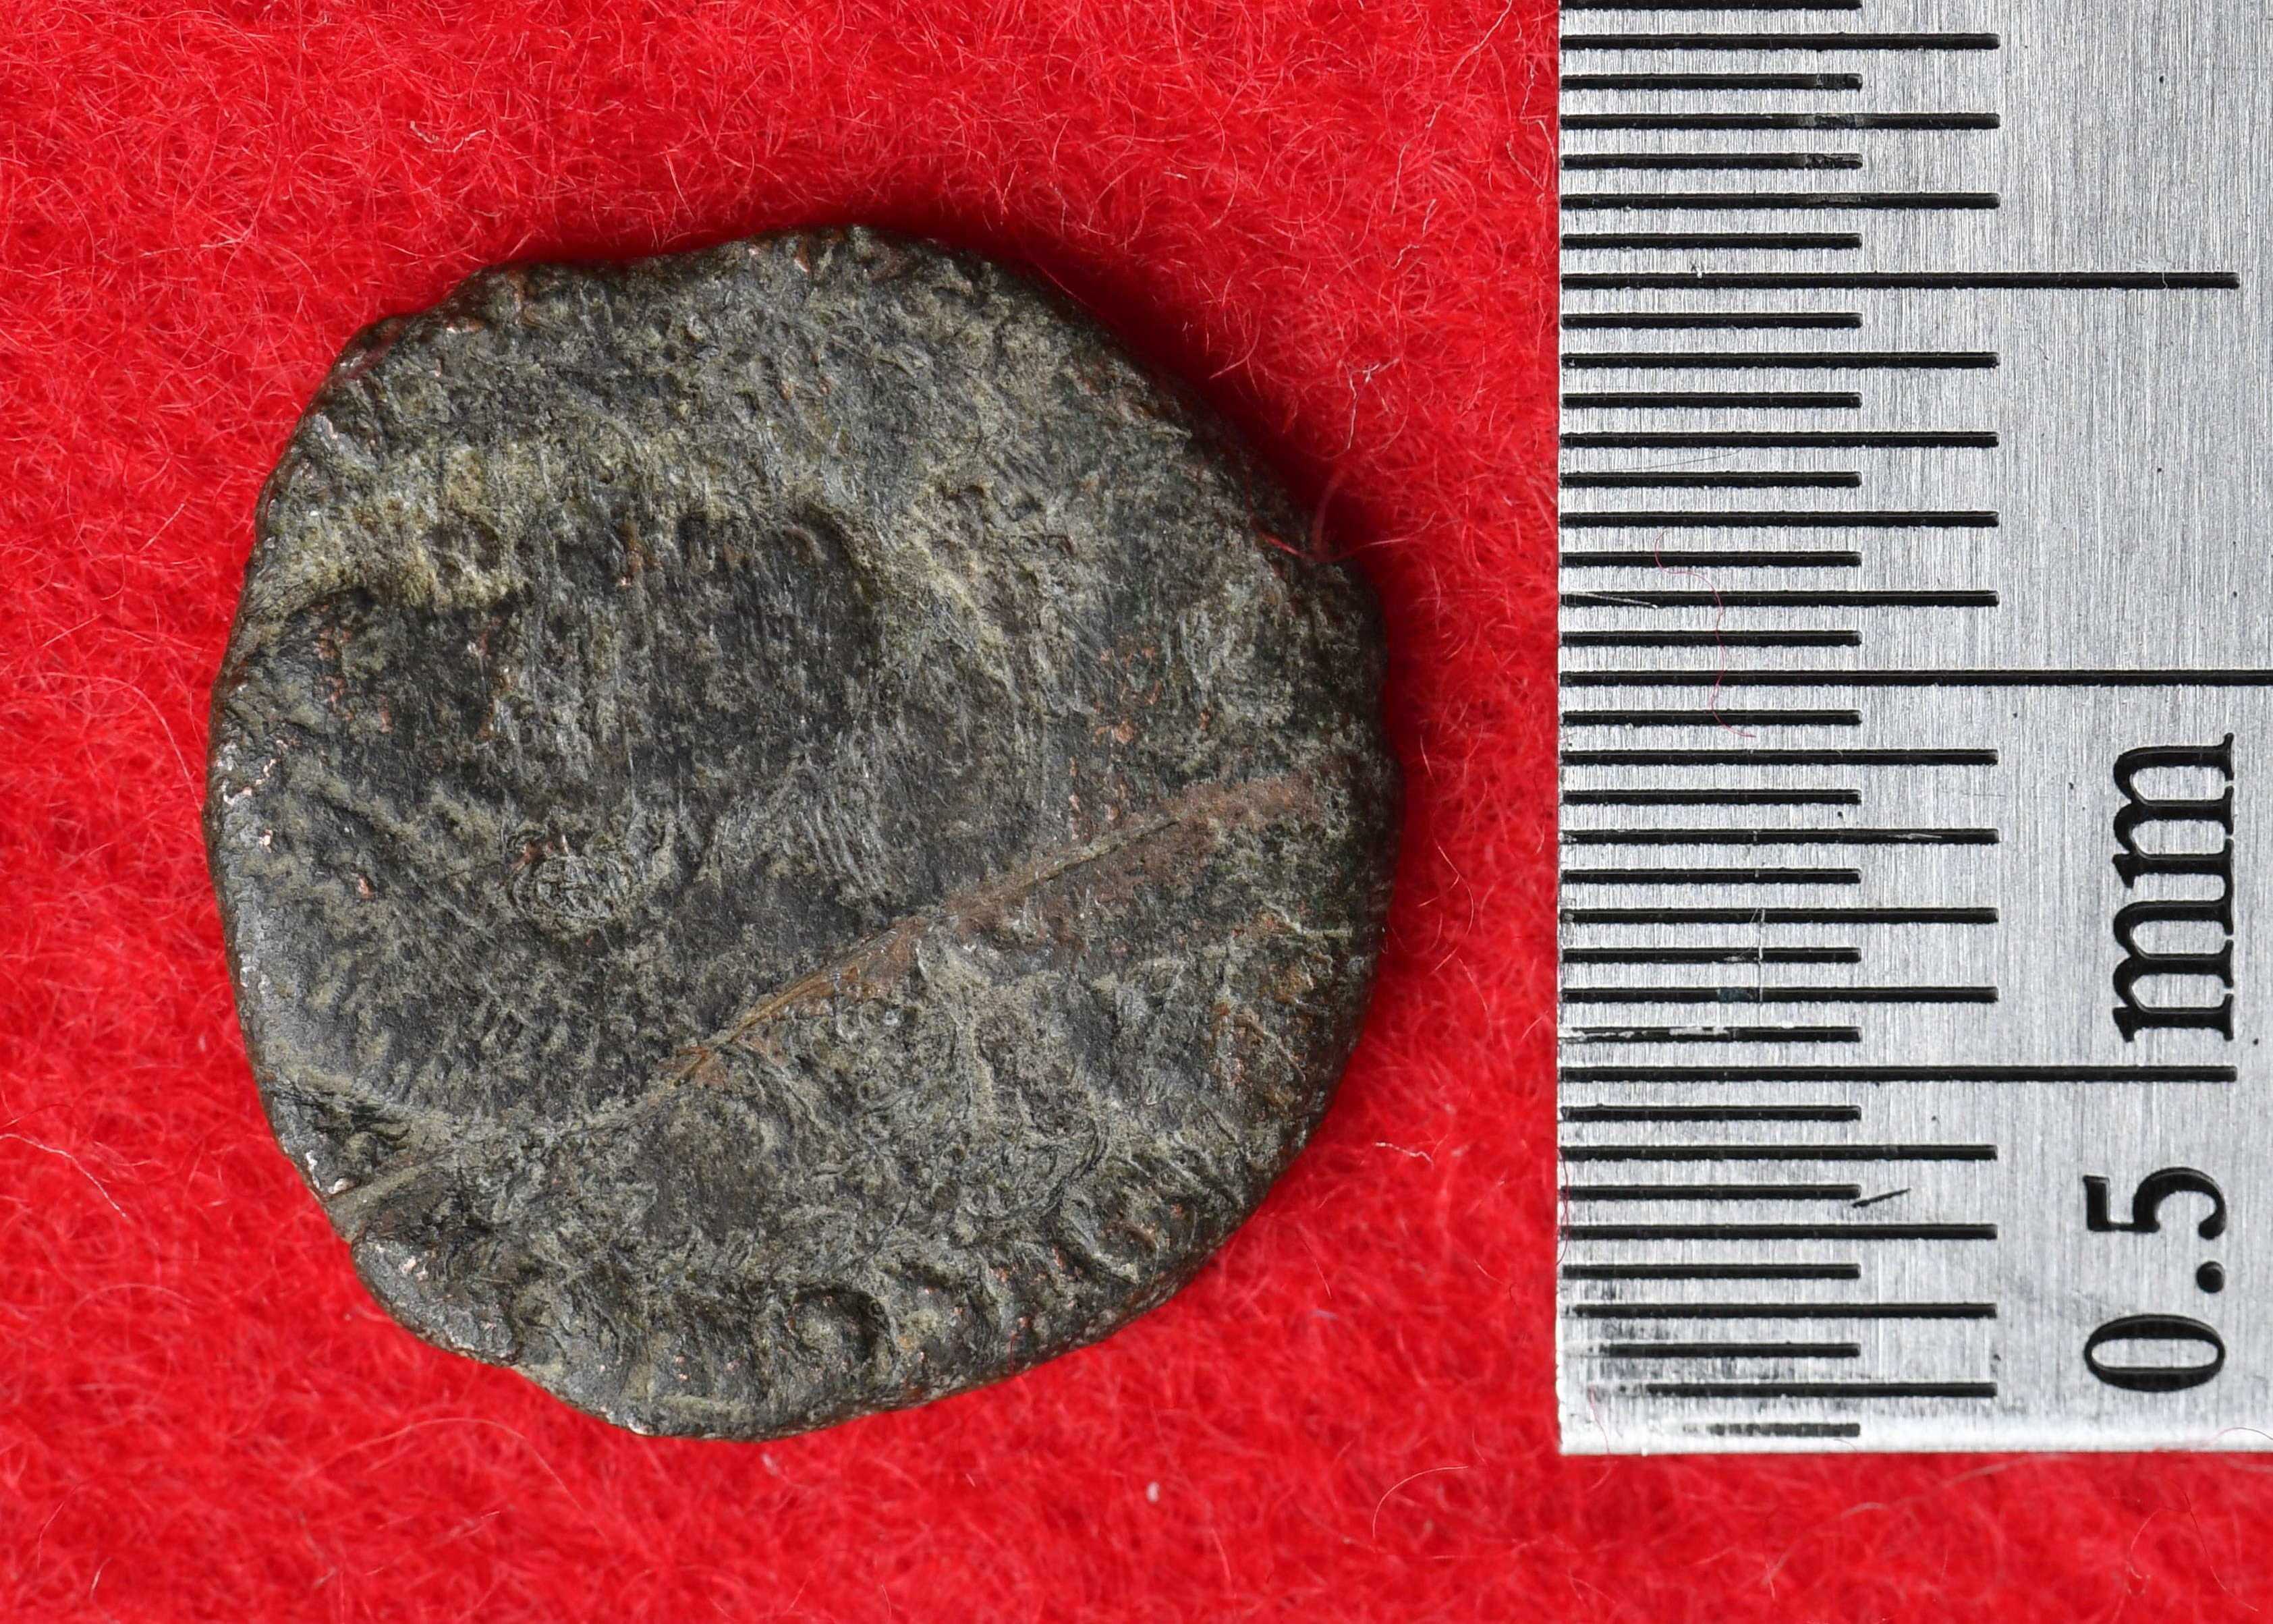 Moedas romanas encontradas em castelo japonês deixam arqueólogos atordoados